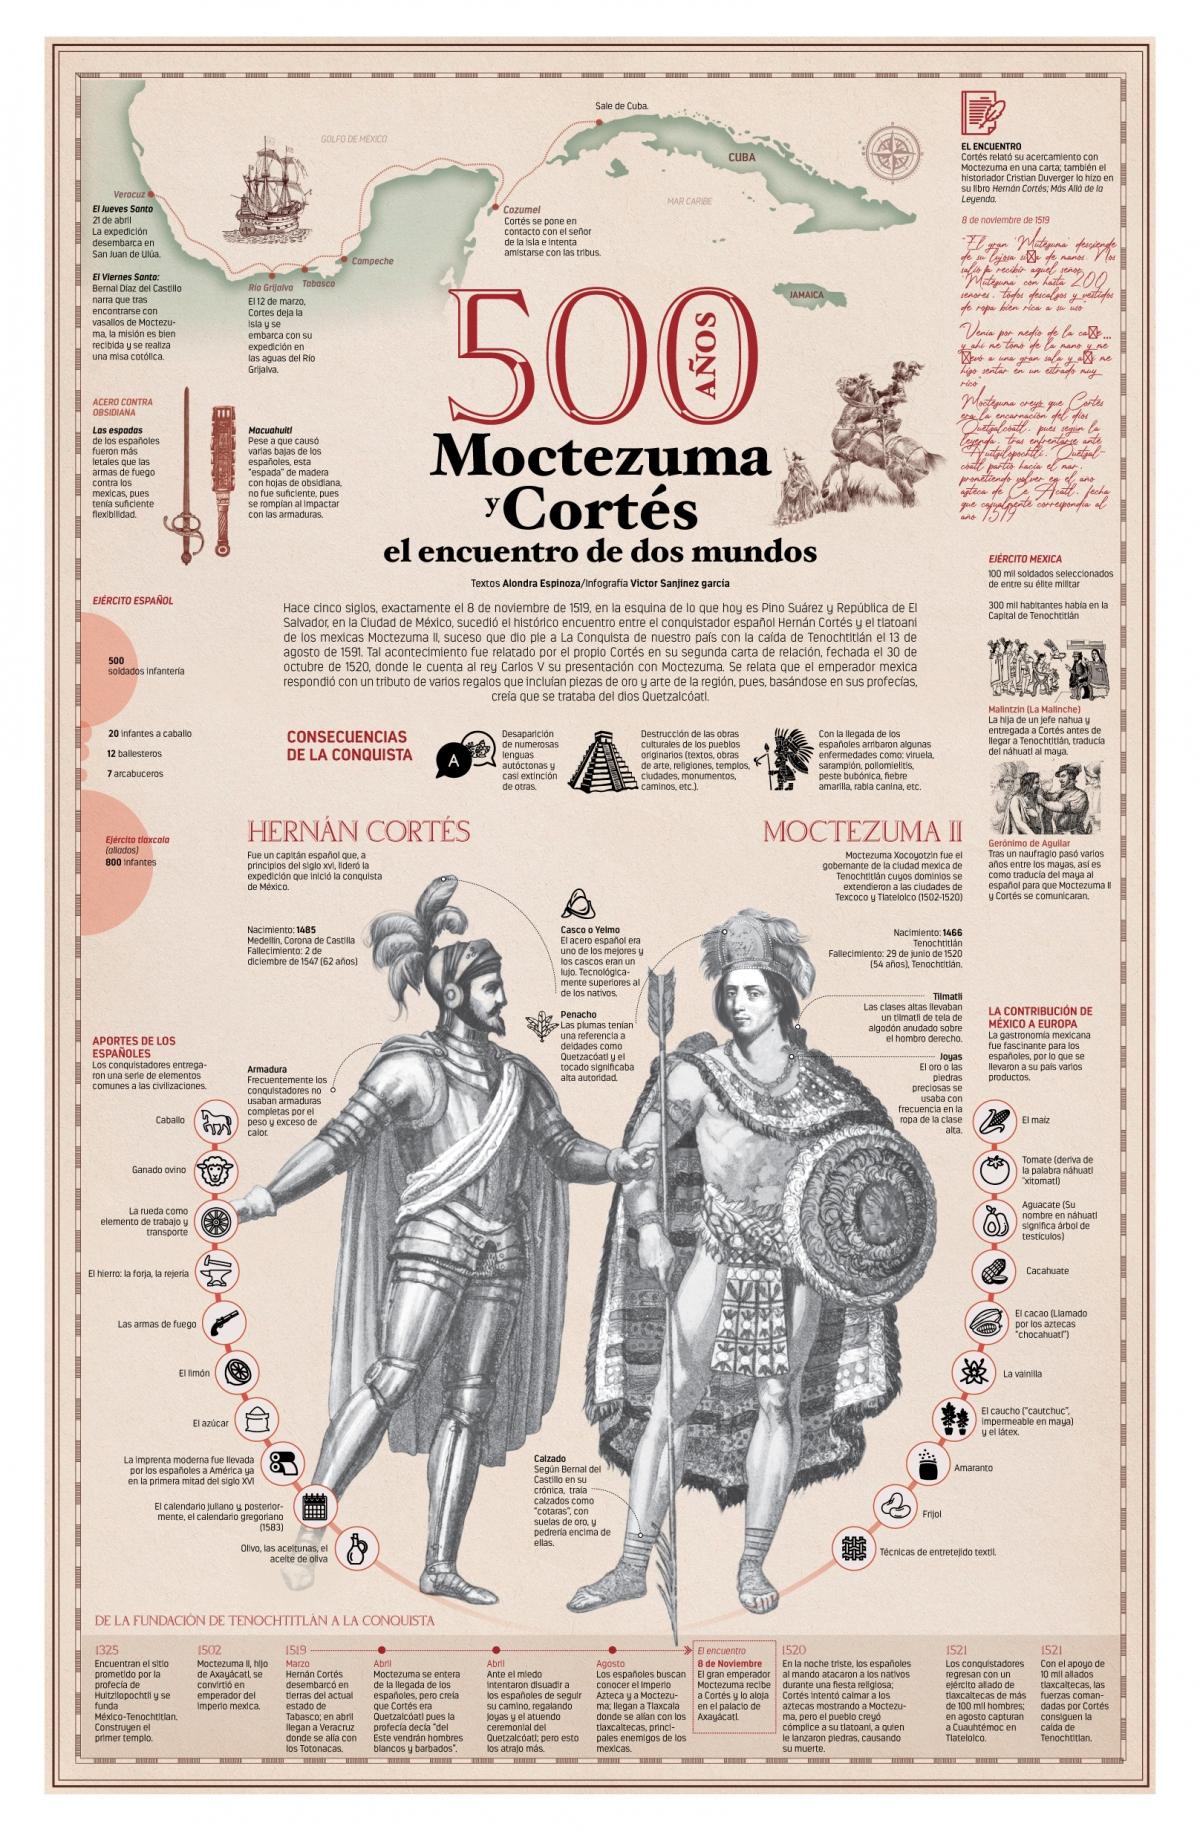 Moctezuma y Cortés, el encuentro de dos mundos